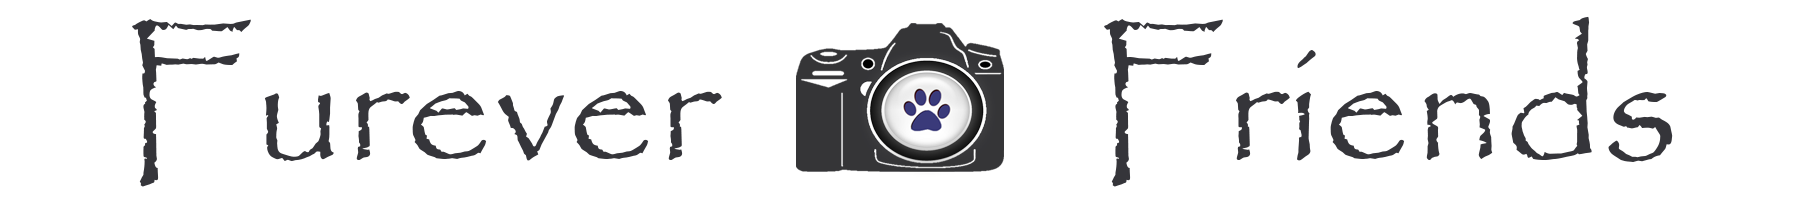 logo-1800-200.png